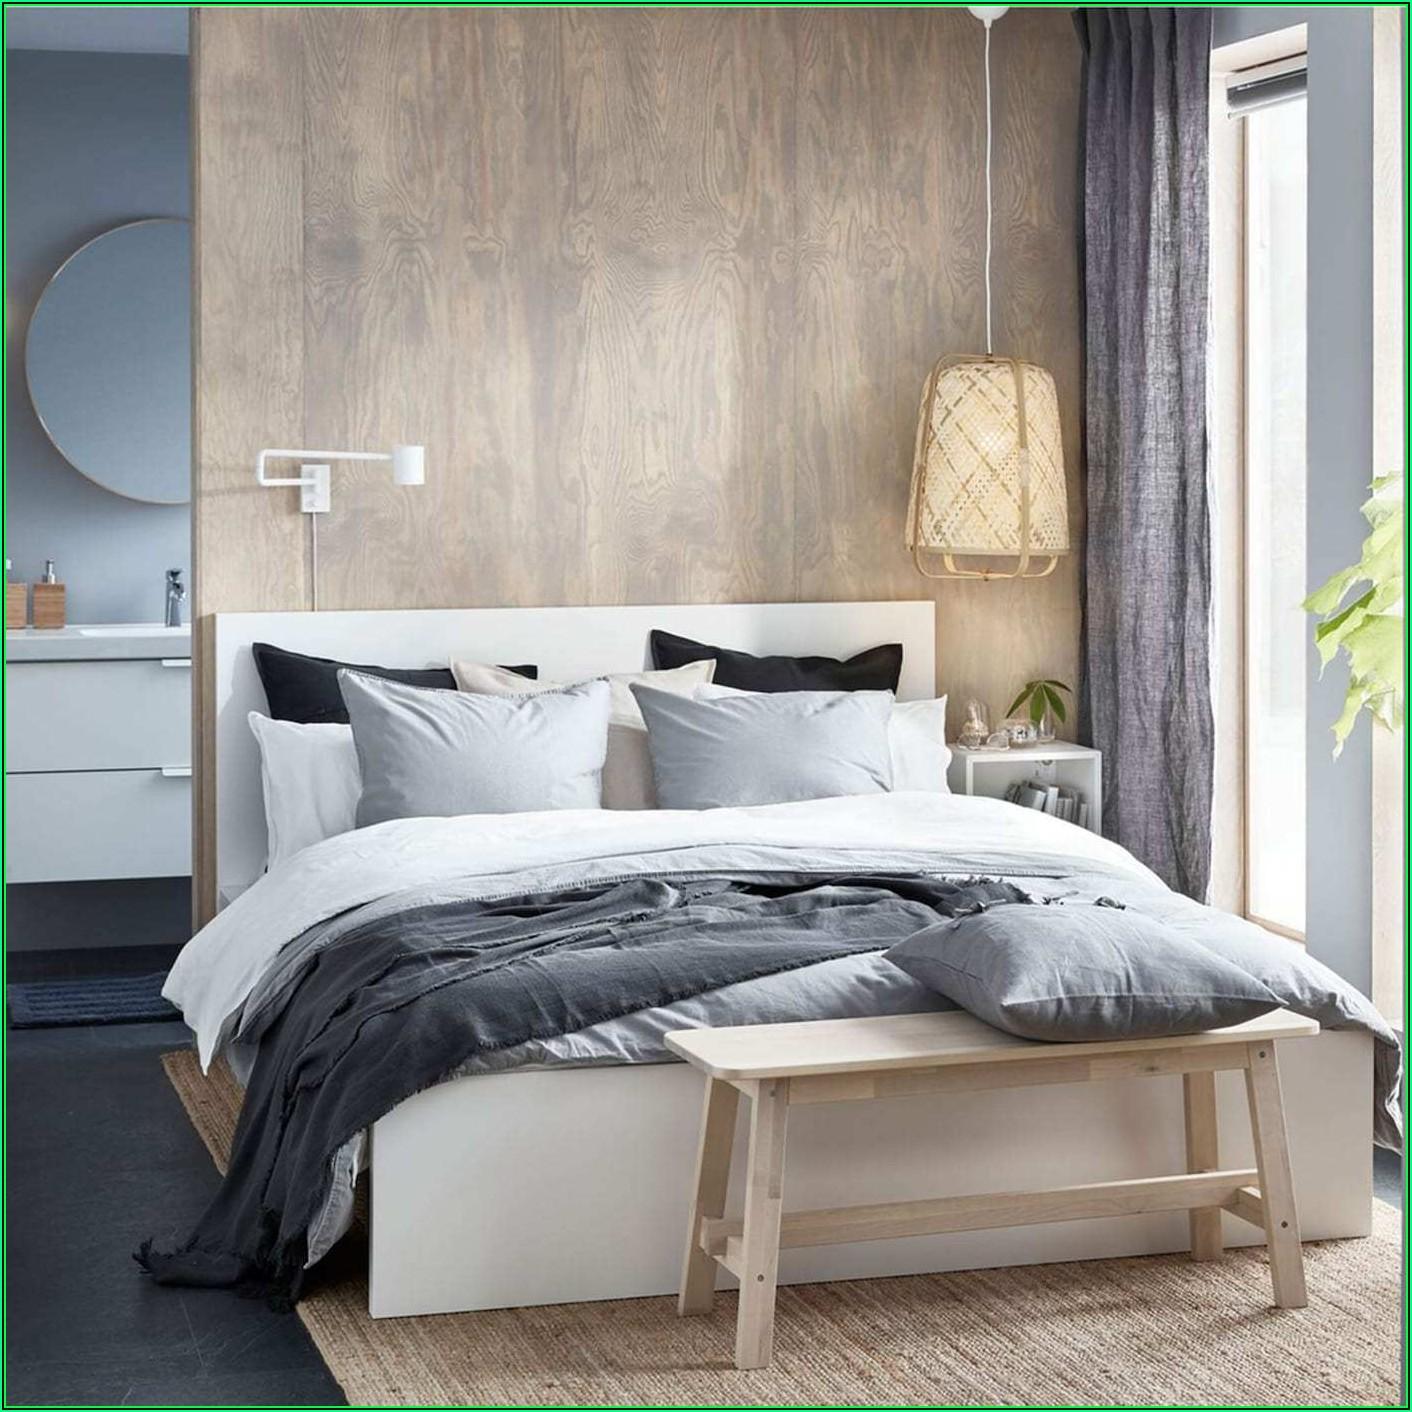 Ikea Aufbewahrung Schlafzimmer